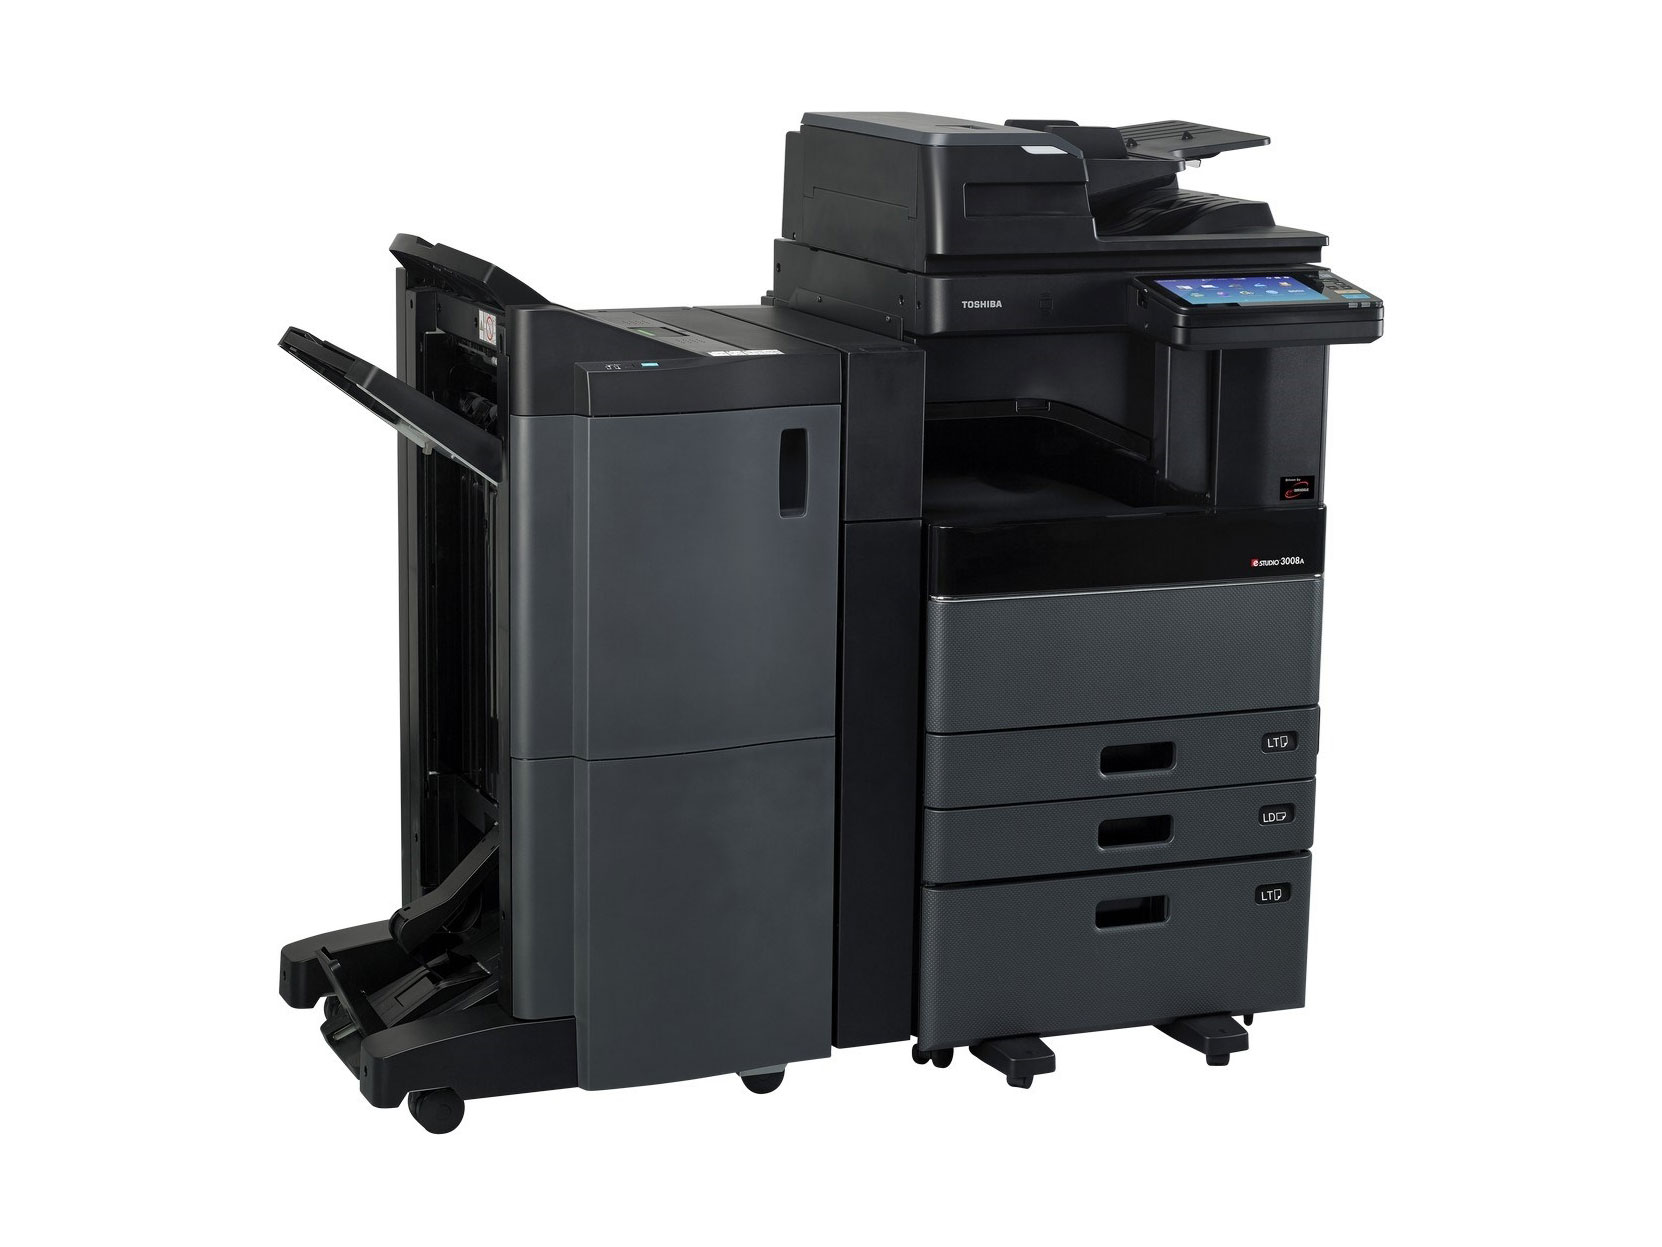 Fotocopiadora e-STUDIO 5508A usada